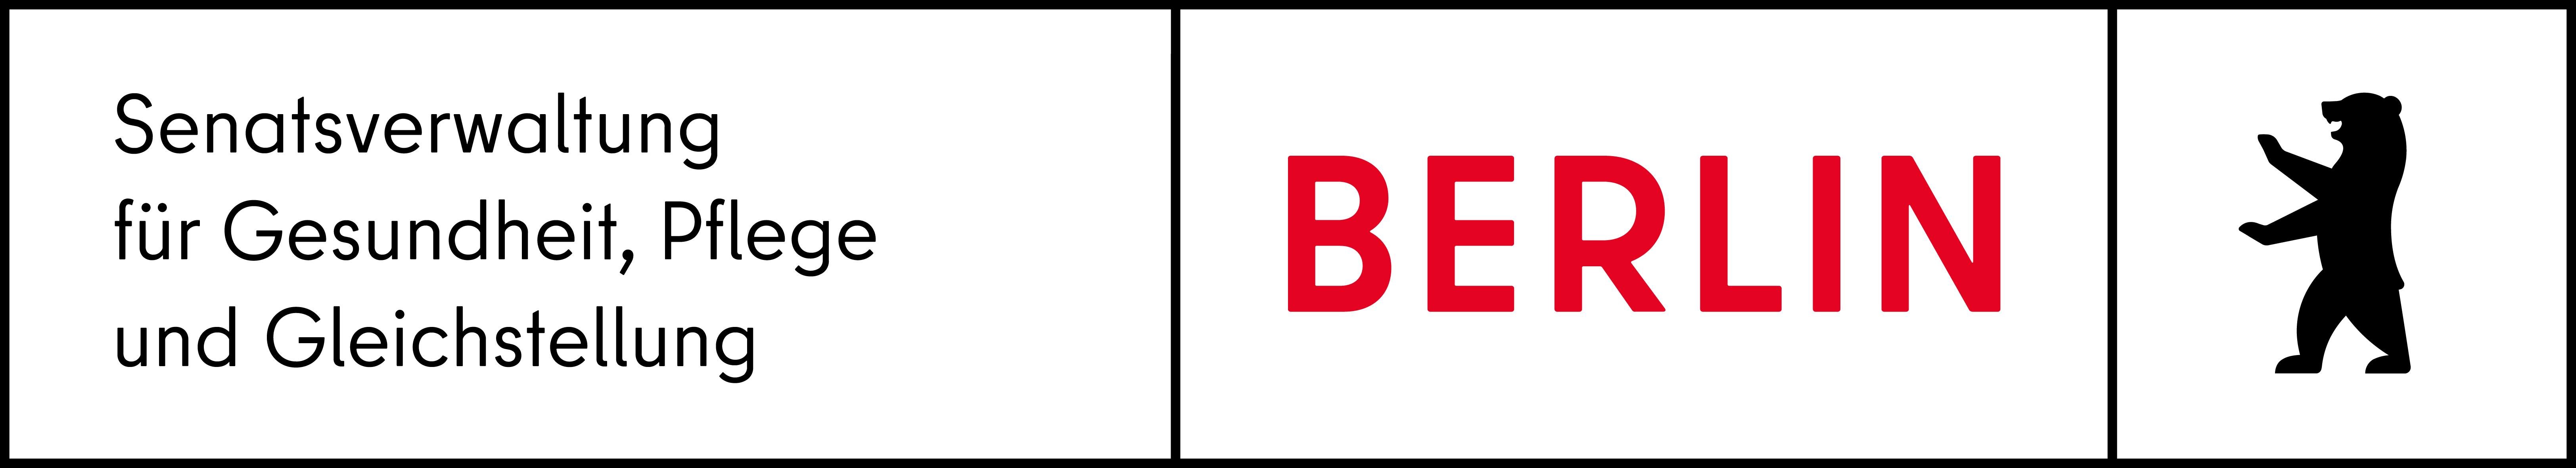 Die Grafik zeigt das Logo der Logo der Senatsverwaltung für Gesundheit, Pflege und Gleichstellung